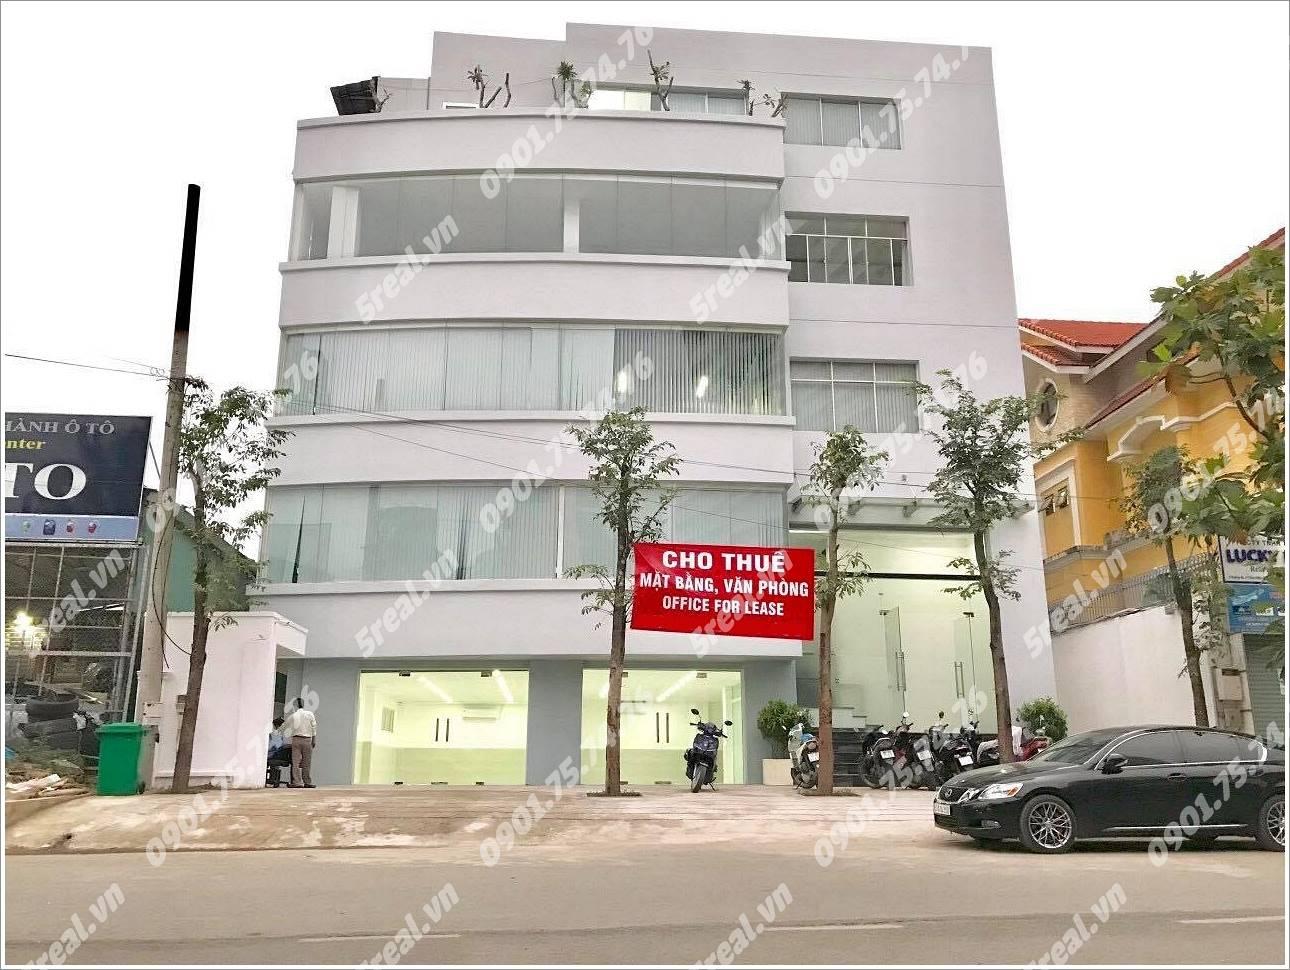 building-66-quan-2-van-phong-cho-thue-tphcm-5real.vn-01